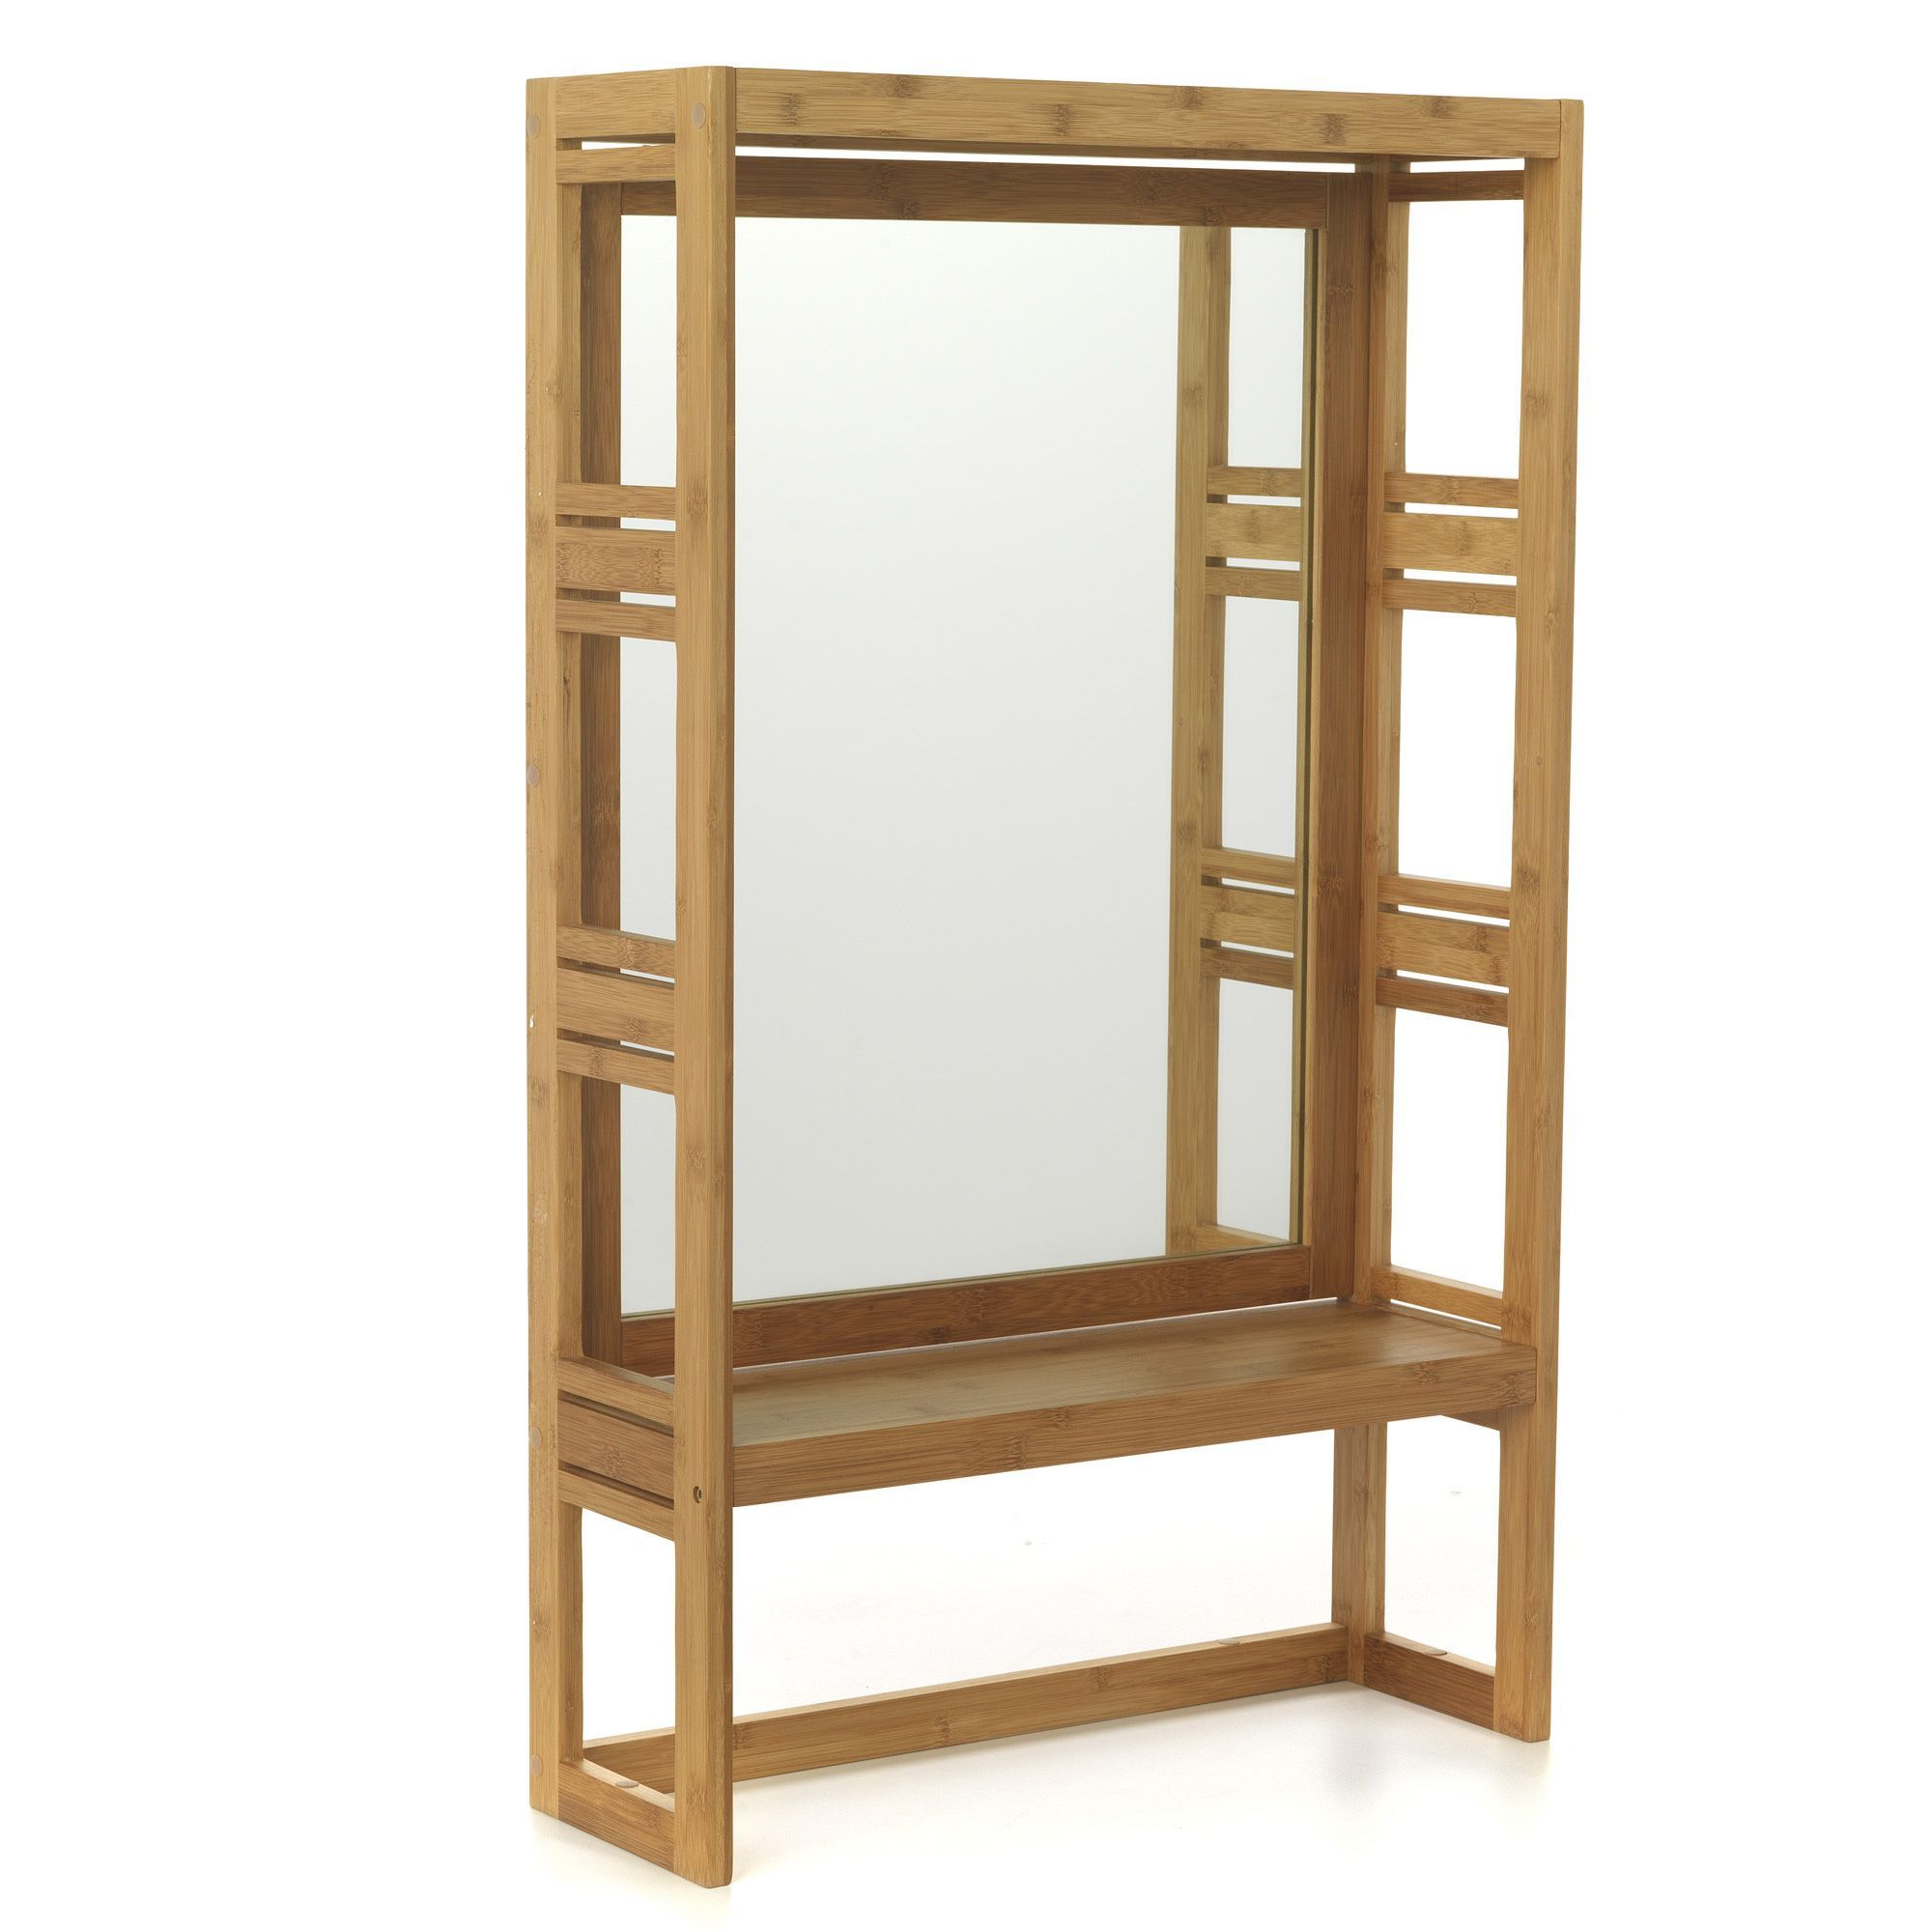 Danong for Echelle bambou salle de bain alinea